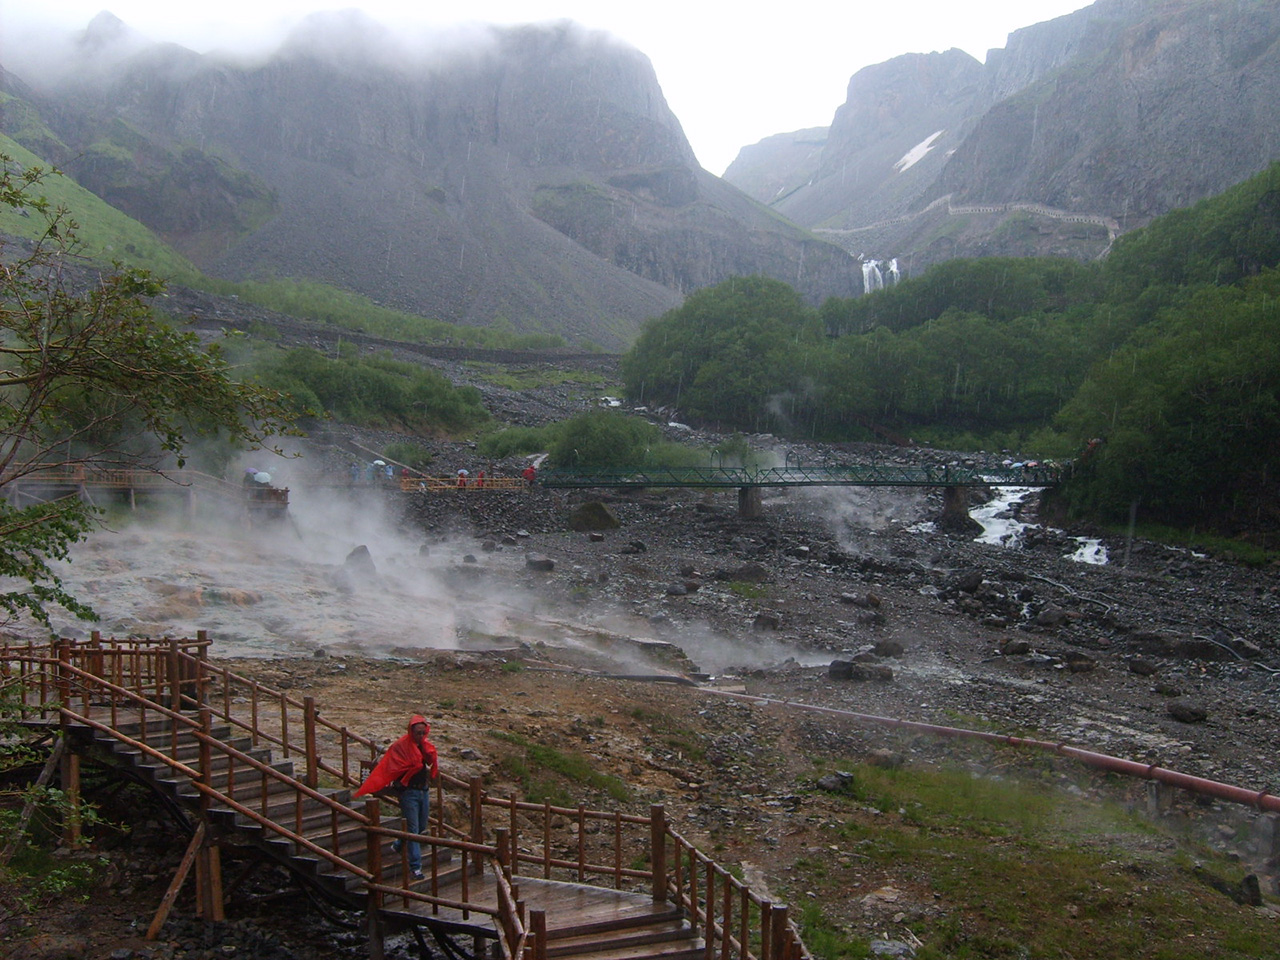 온천의 풍경. 지면에서 열이 올라오고 있다. 사진은 백두산 장백폭포에서 북쪽으로 900미터에 있는 취룡천이란 노상 온천.